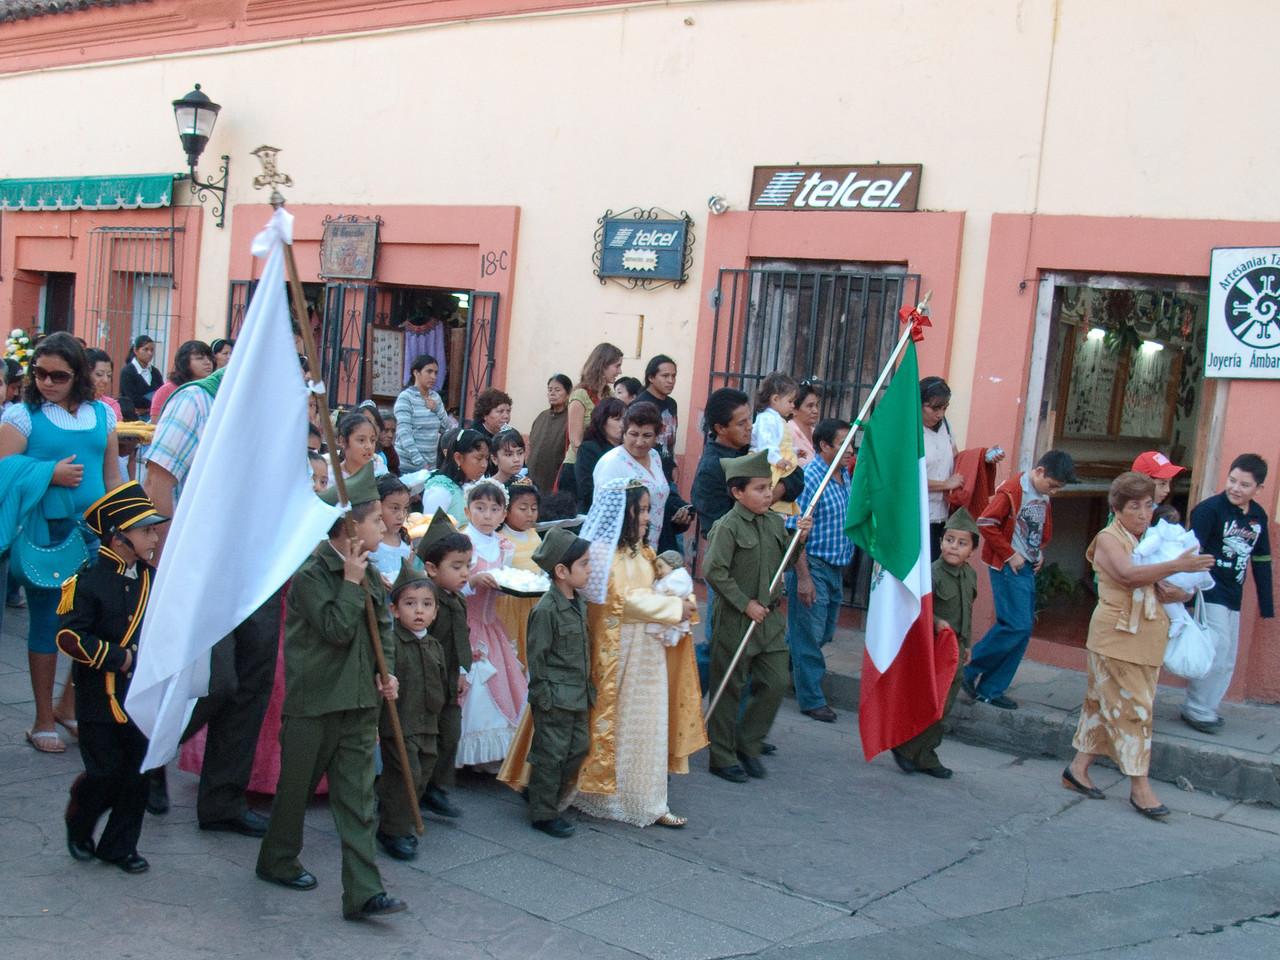 San Cristobal Parade